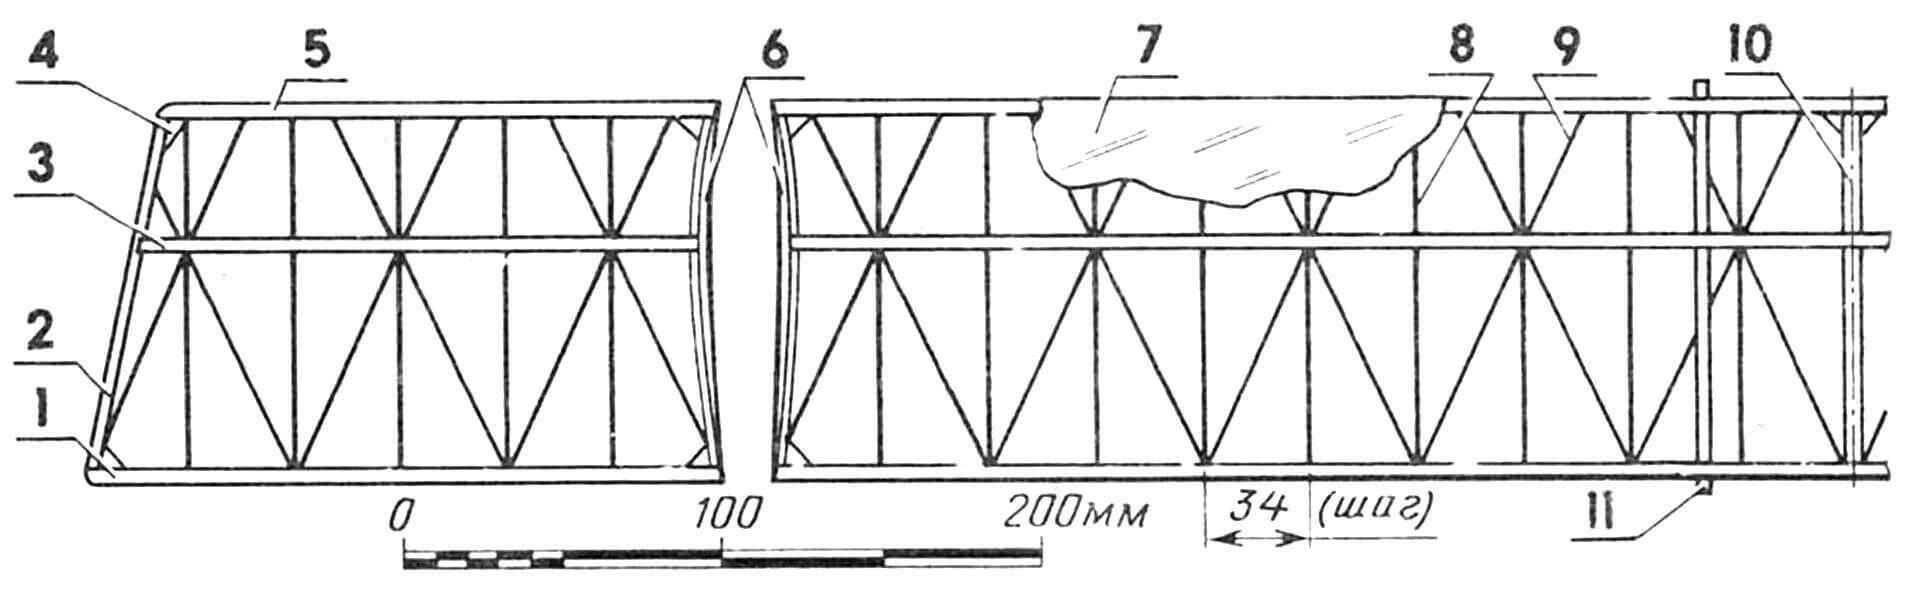 Рис. 3. Крыло: 1 — задняя кромка (сосна 6x2 мм); 2 — законцовка (липа, шпон 2 мм); 3 — лонжерон (сосна 6x1,5 мм); 4 — косынка (липа, шпон 1,2 мм); 5 — передняя кромка (сосна 3x5 мм); 6 — стыковочная нервюра (липа, шпон 1,2 мм); 7 — обшивка (наполненный лавсан 0,015 мм); 8— прямая нервюра (липа, шпон 0,8 мм); 9 — косая нервюра (липа, шпон 0,8 мм); 10 — центральная нервюра (липа, шпон 2 мм); 11 — ложемент (сосна 3x3 мм; привязывать после обтяжки крыла). Стенка лонжерона — липовый шпон 0,8 мм на ушке крыла, шпон 1,2 мм по центроплану. Ушко пристыковывается к центроплану после обтяжки крыла без усилений на эпоксидной смоле.